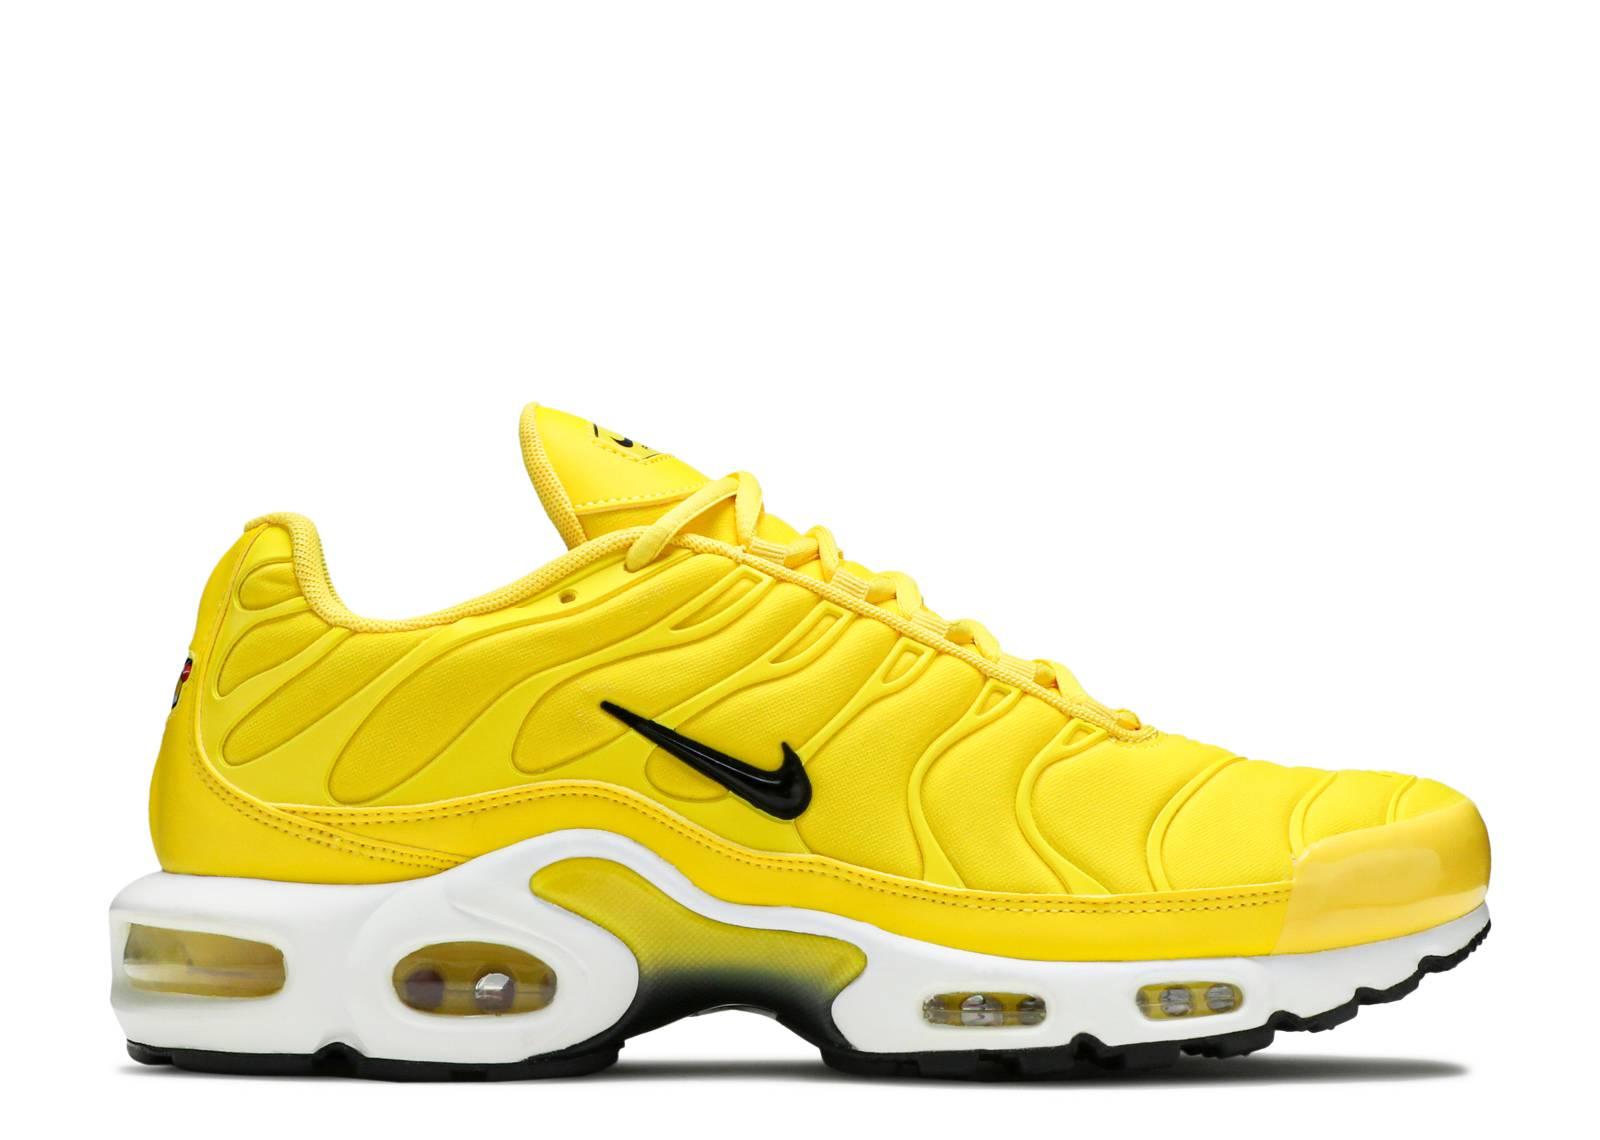 Wmns Air Max Plus TN 'Chrome Yellow'